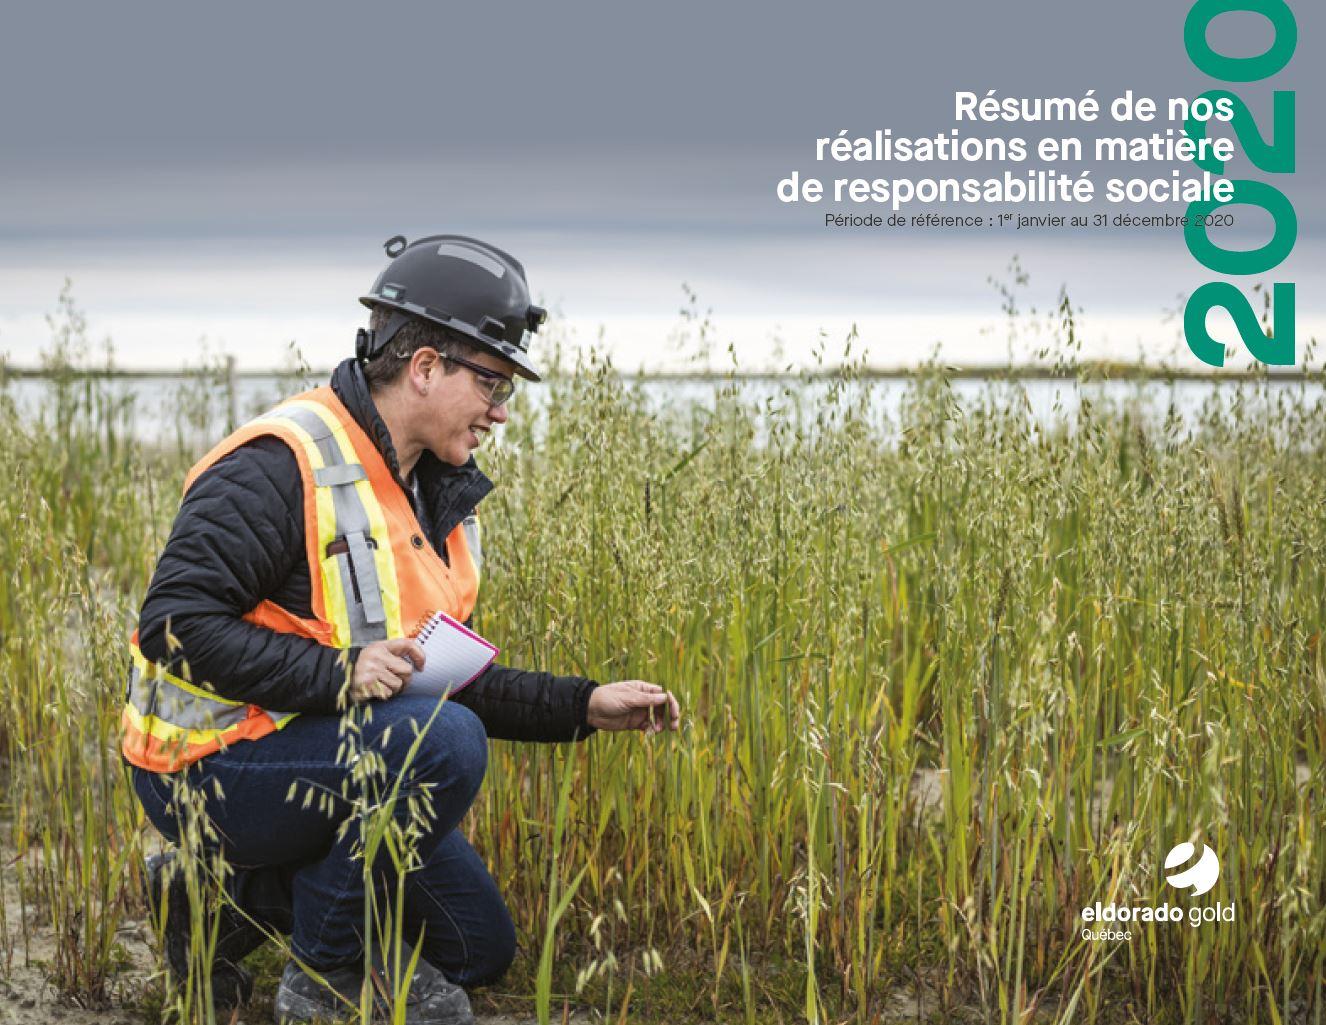 Résumé de nos réalisation responsabilité sociale